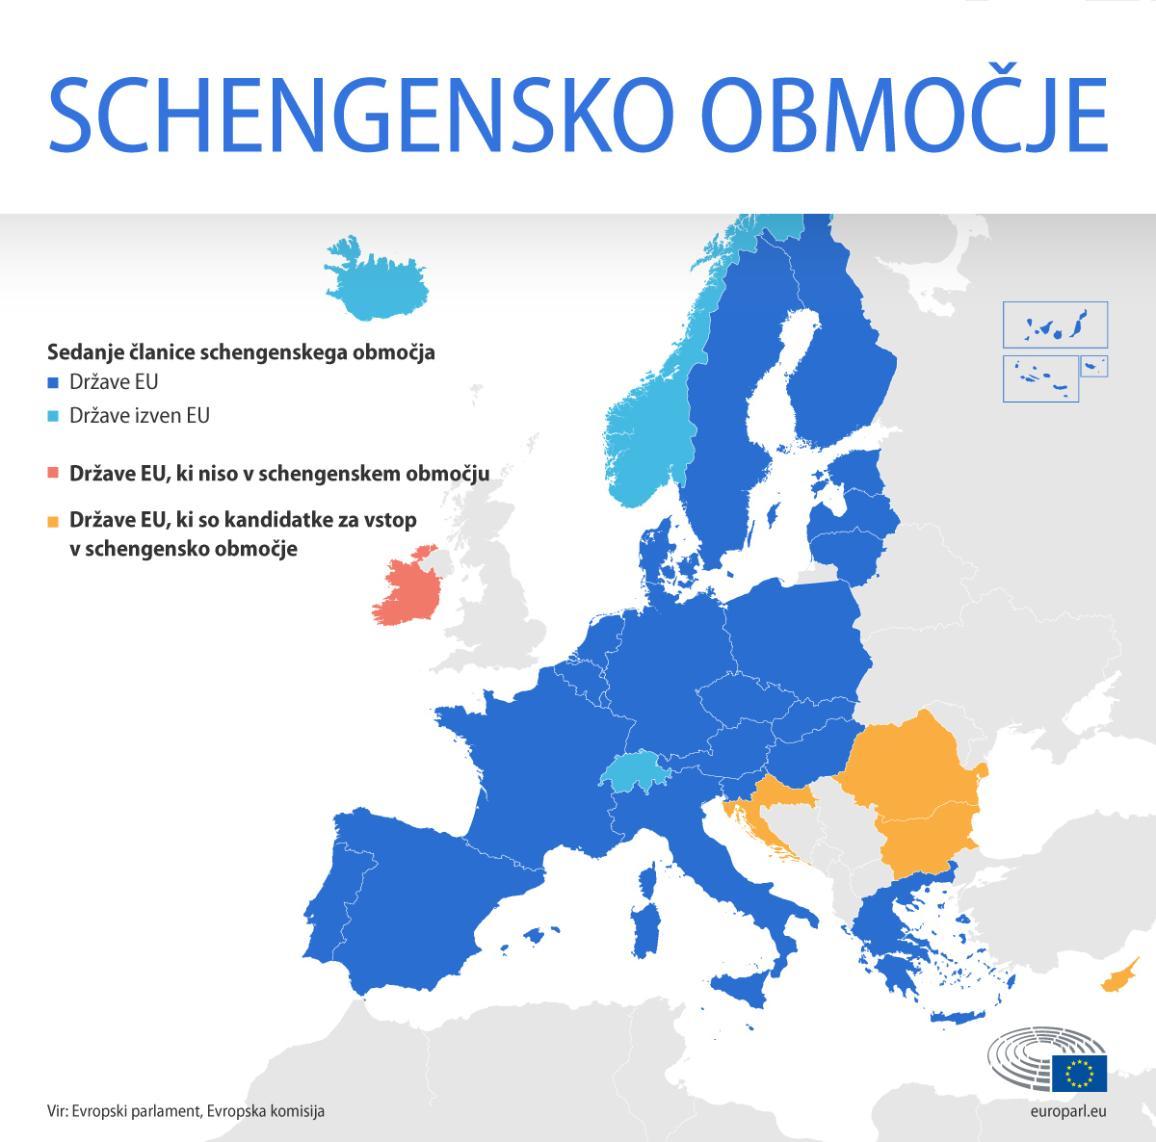 Zemljevid schengenskega območja z označenimi sedanjimi članicami schengenskega območja, ki so članice EU in ki niso članice EU, državami EU, ki niso v schengenskem območju, in državami EU, ki so kandidatke za vstop v schengensko  območje